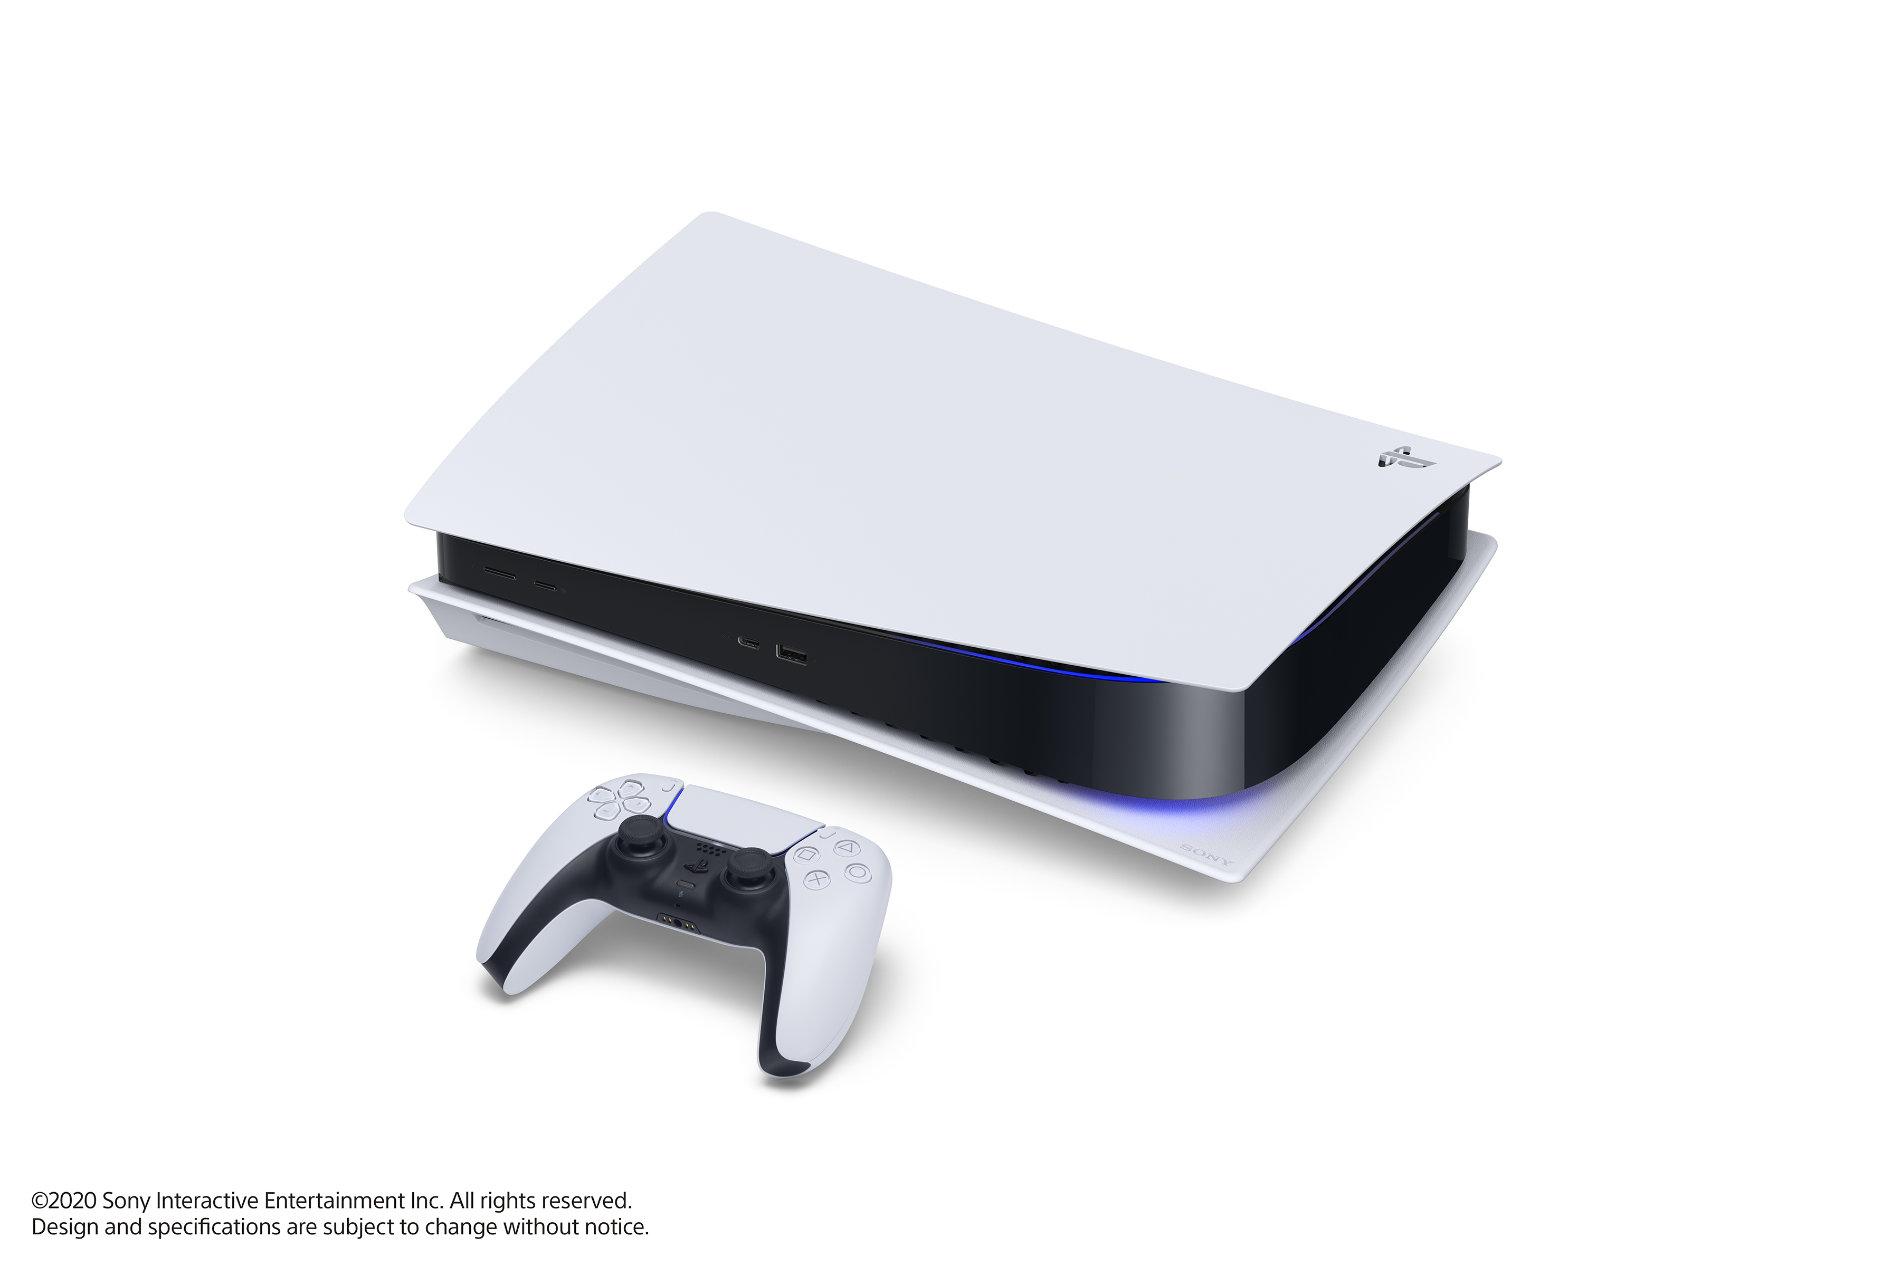 Avez-vous réussi à précommander la PS5 ?